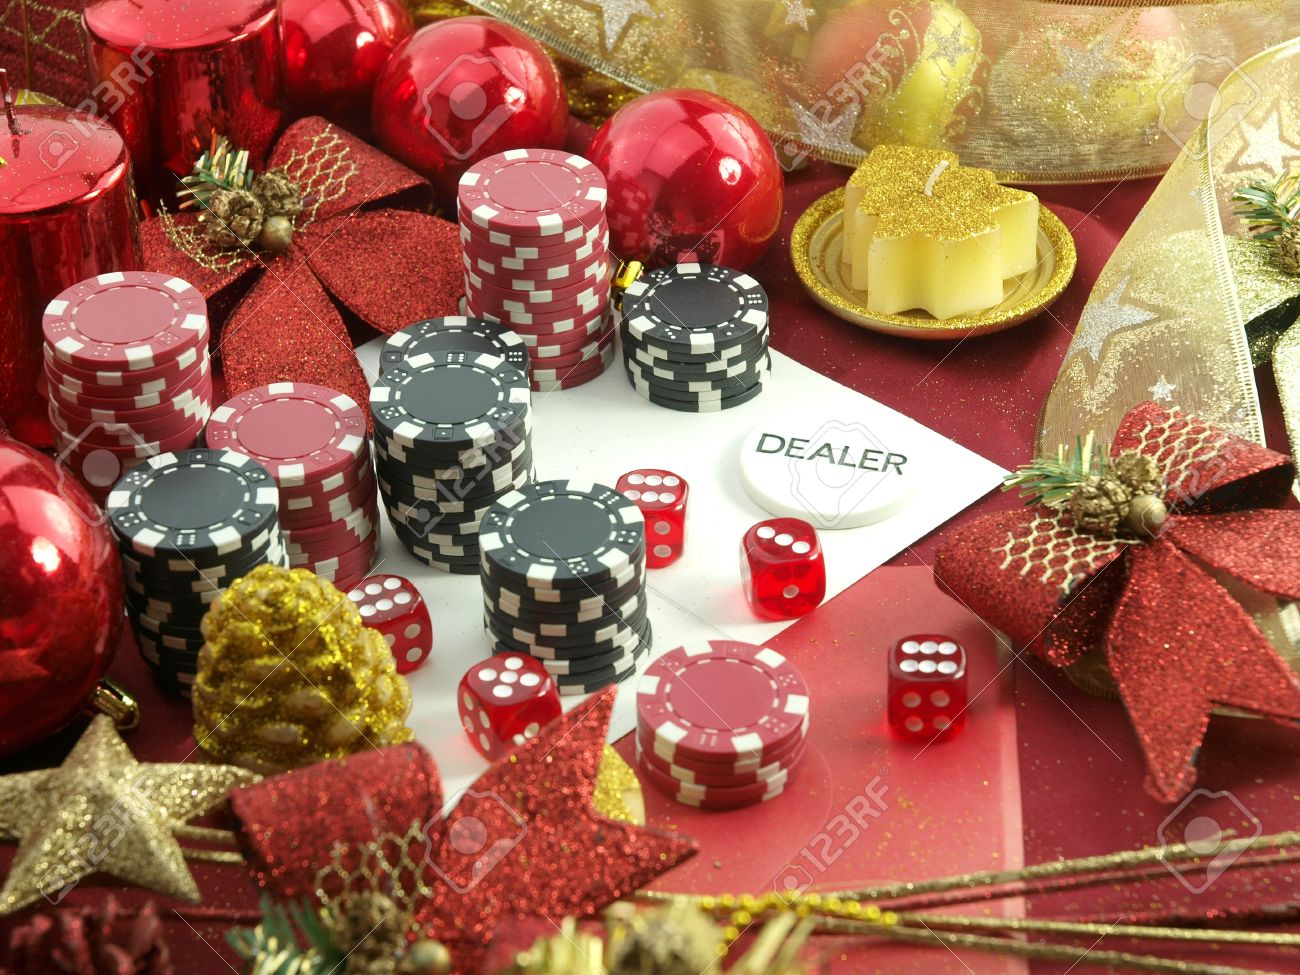 Christmas in a casino niagara casino niagara falls